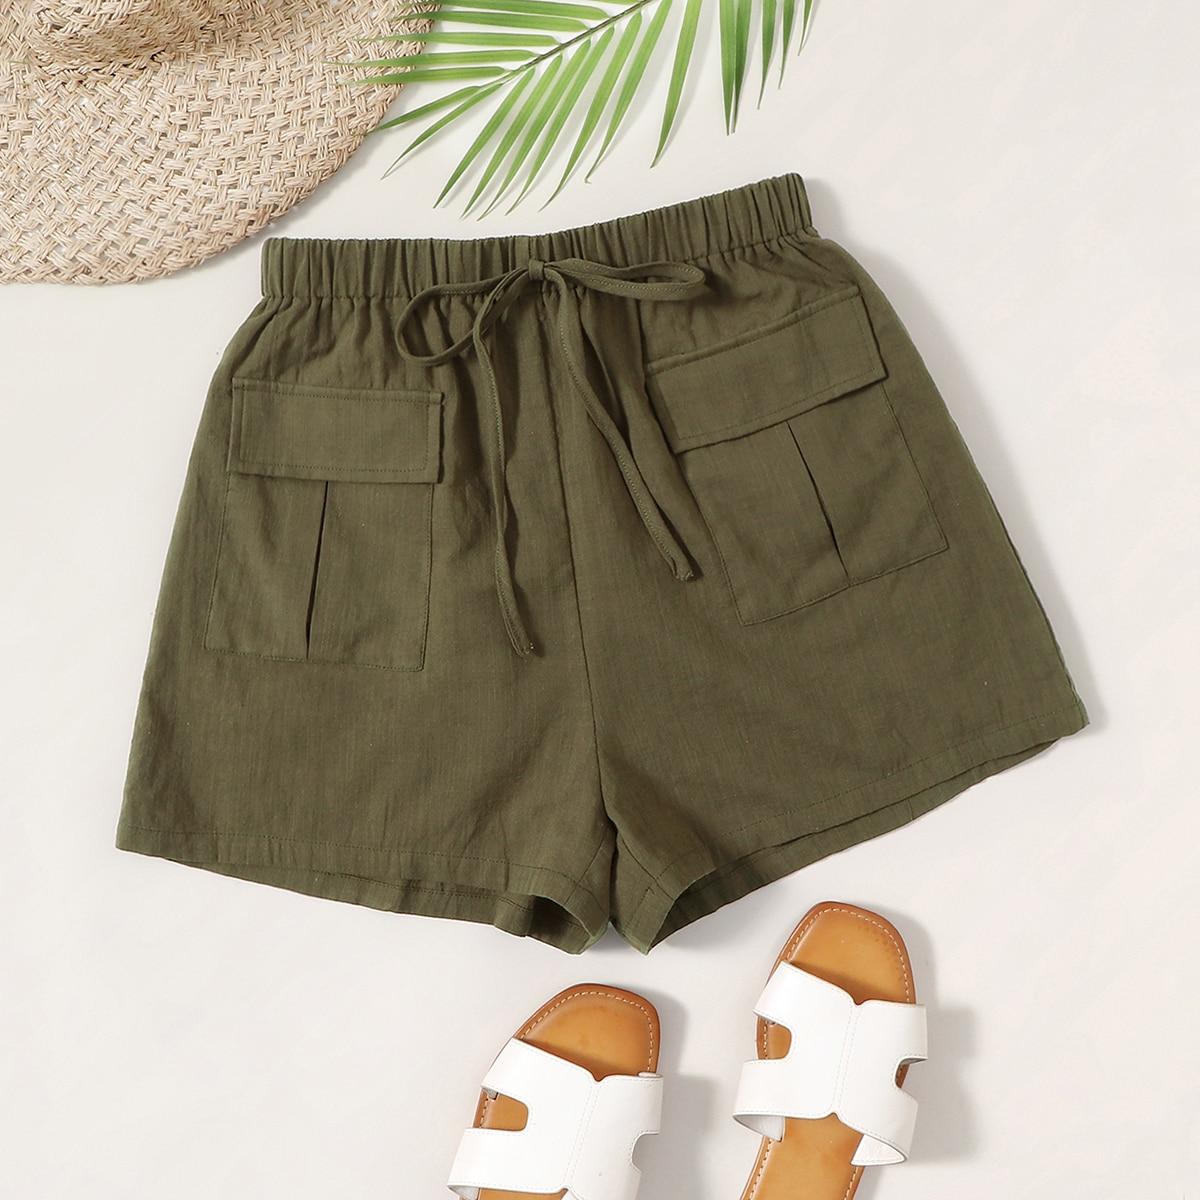 Shorts mit Knoten Taille, Taschen Klappe und Flicken